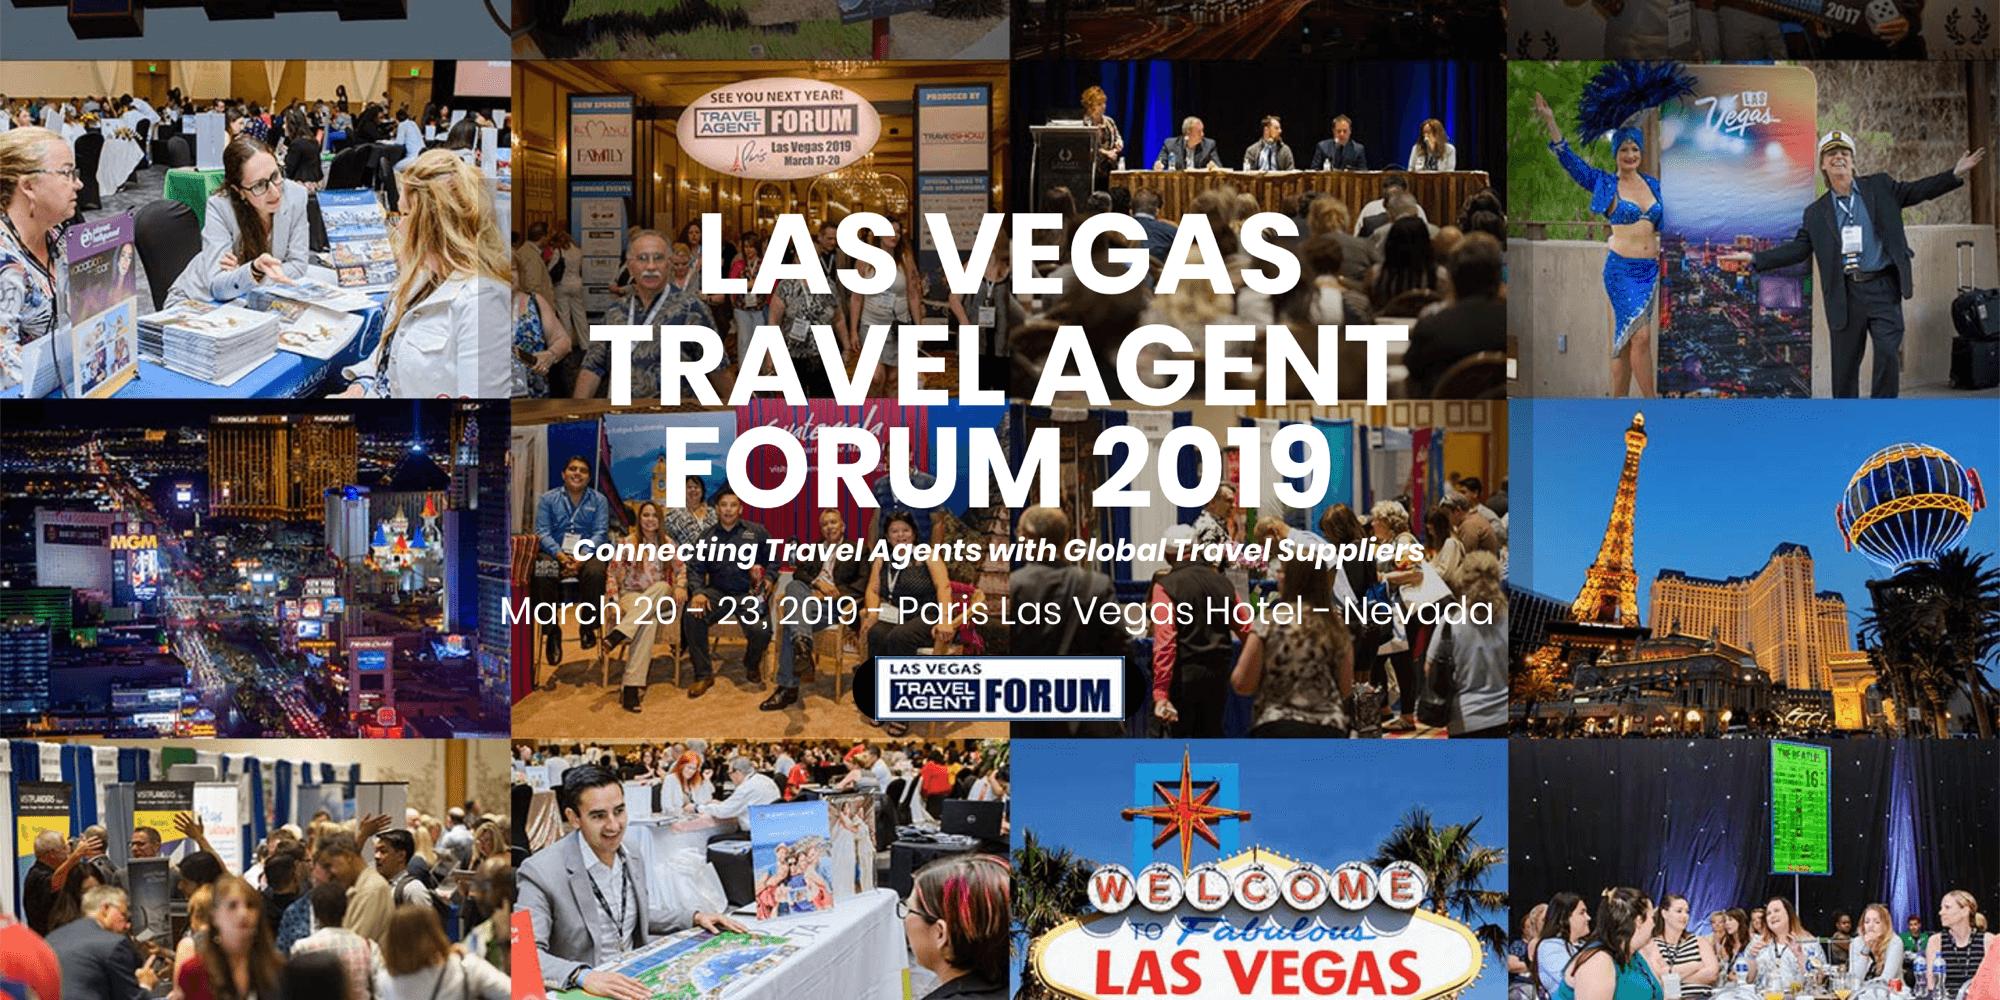 Las Vegas Travel Agent Forum 2019